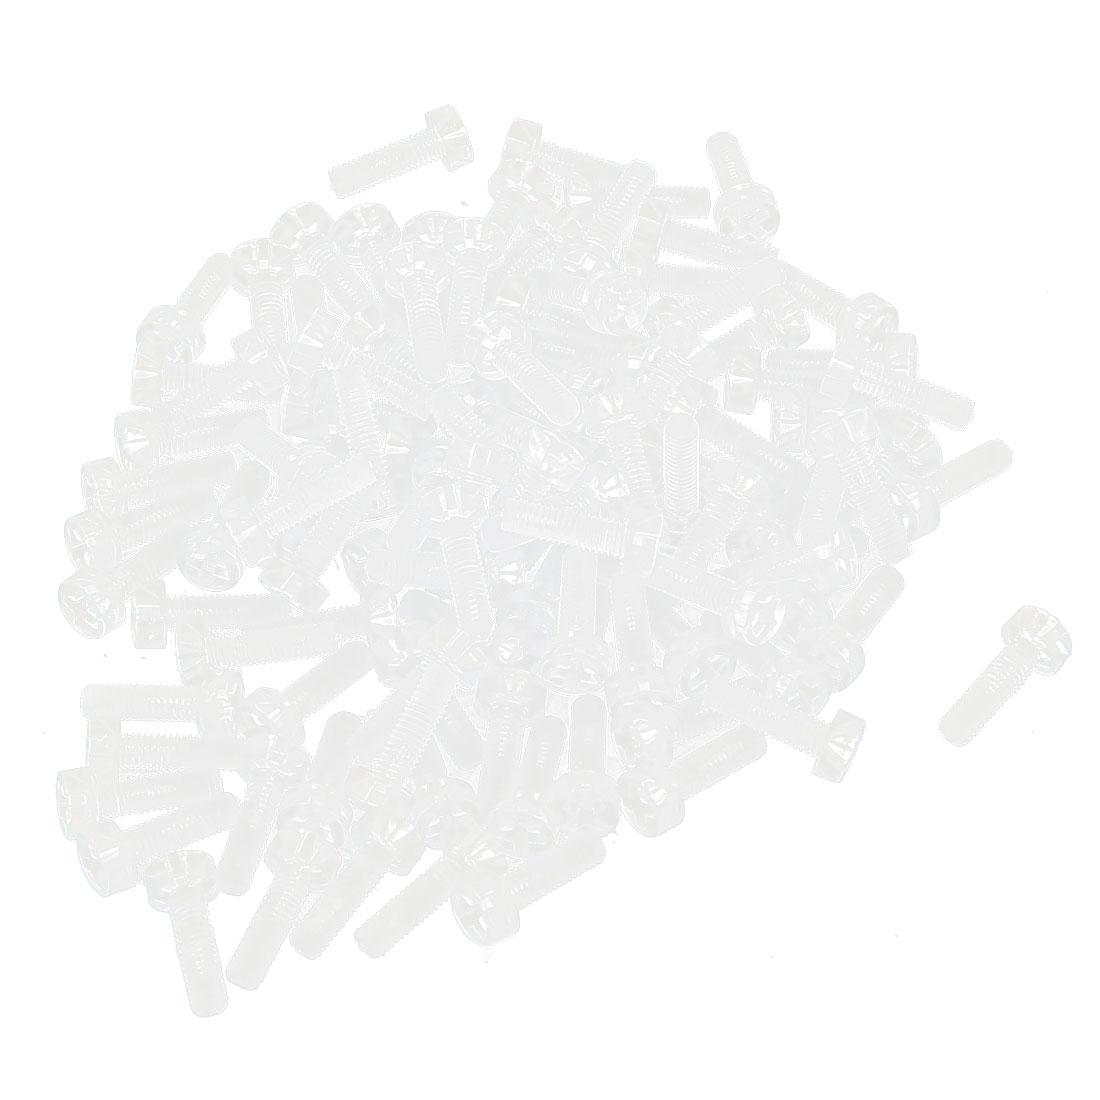 100pcs M3 x 10mm Plastic Phillips Cross Head Machine Screws Clear